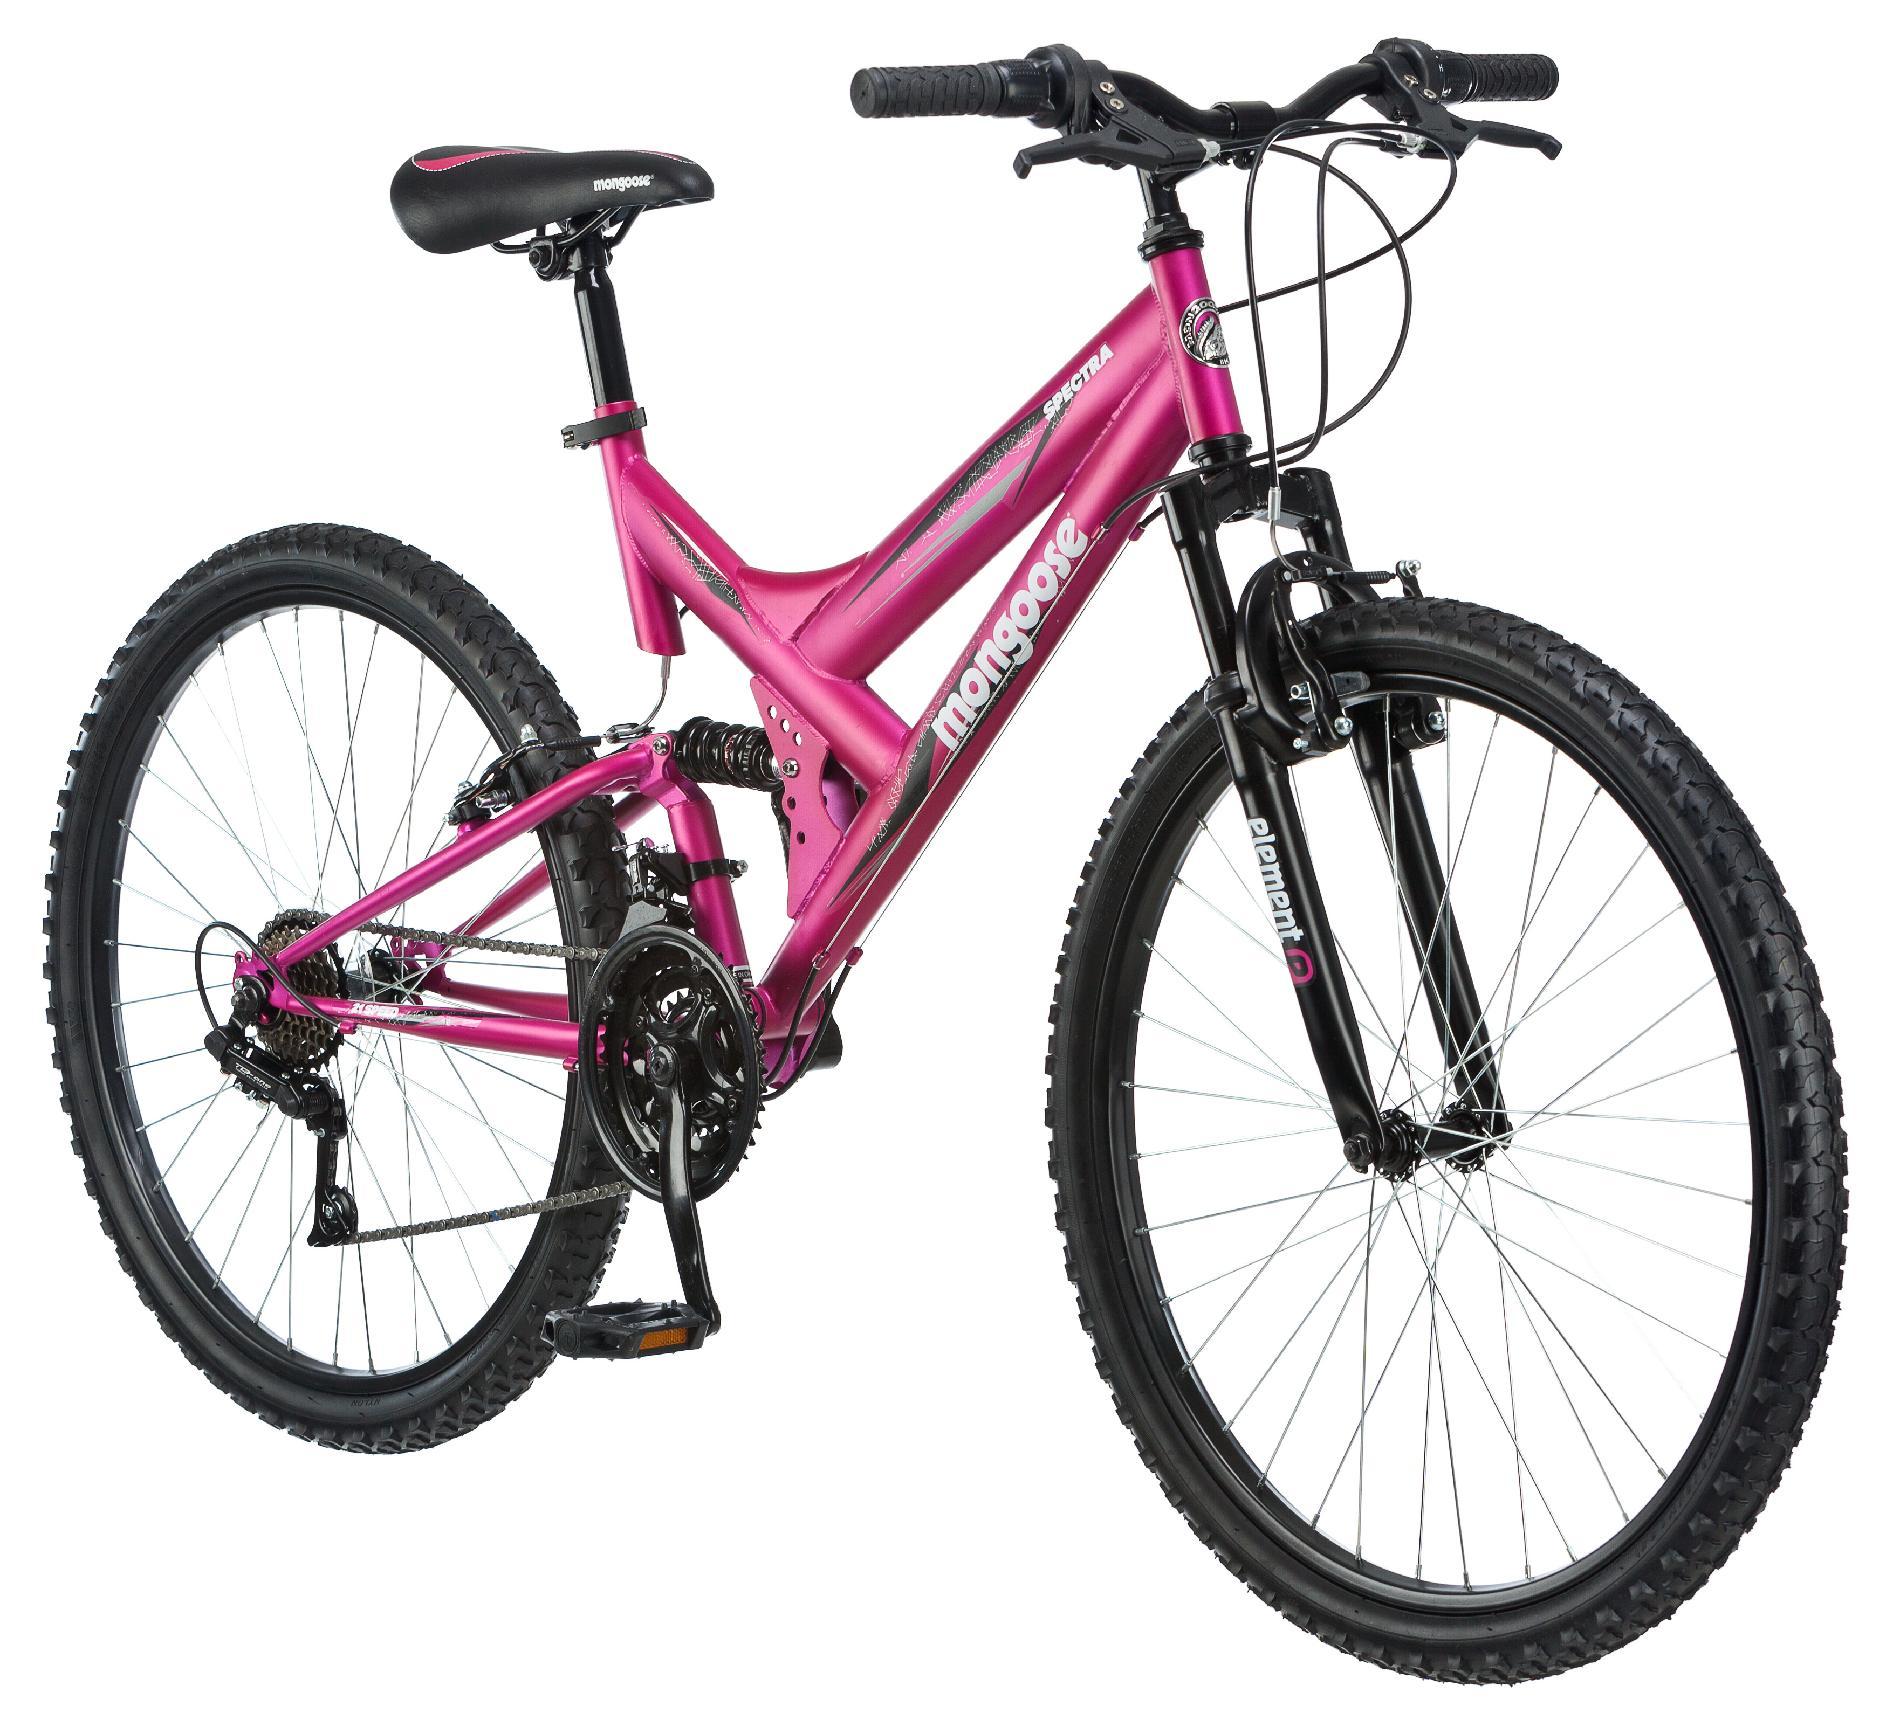 Mongoose 26in Spectra Women's Bike